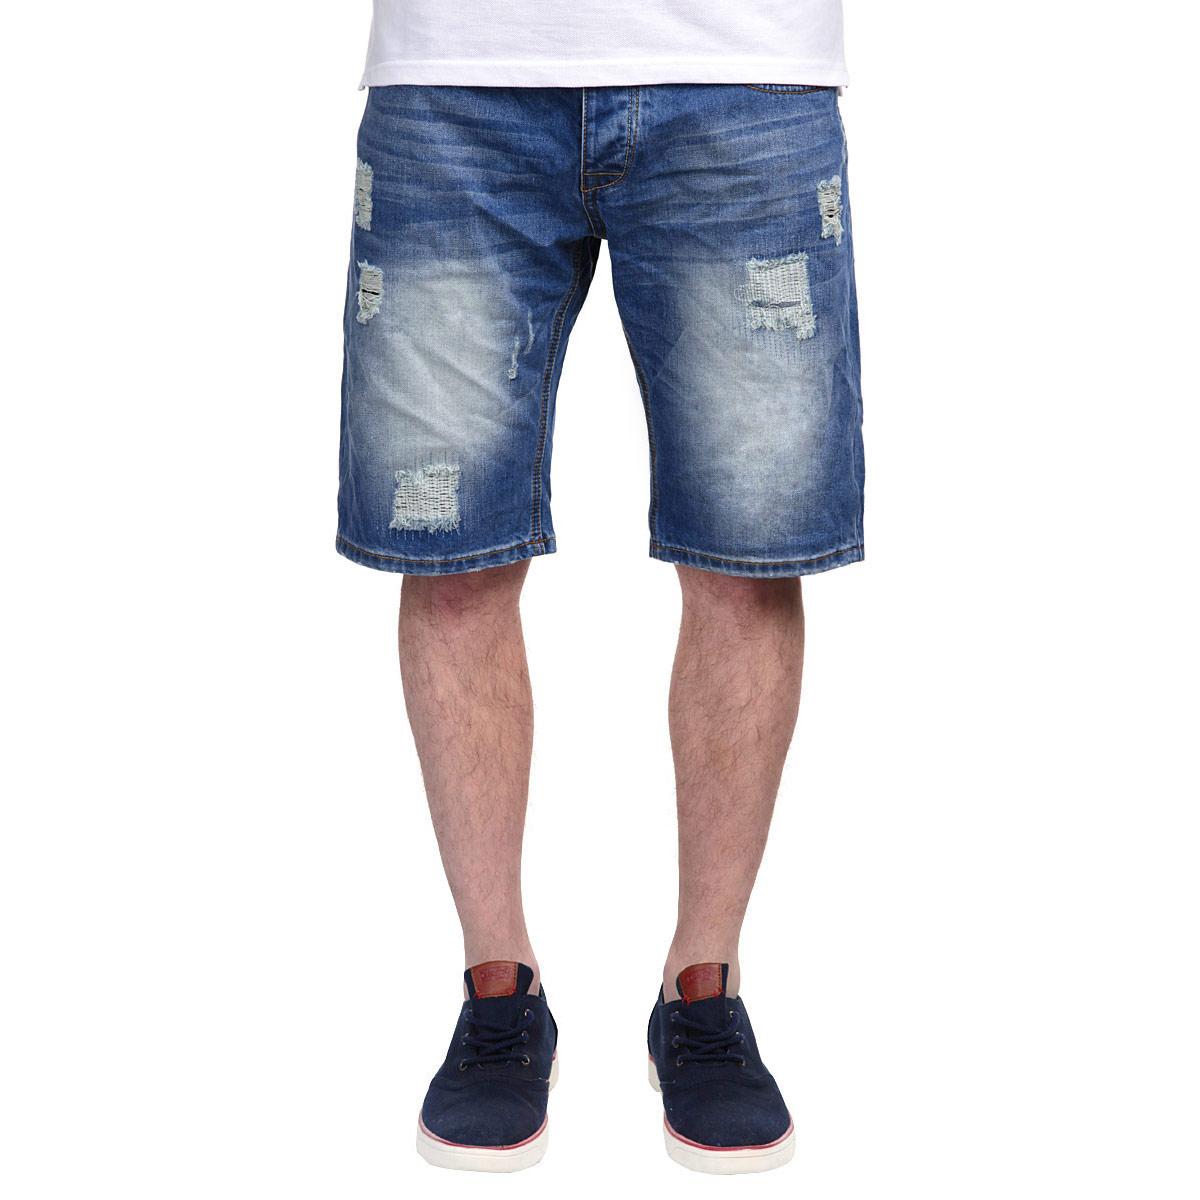 Шорты мужские. 1015273010152730 545Стильные джинсовые бермуды Broadway, изготовленные из высококачественного хлопка, не сковывают движения, обеспечивая наибольший комфорт. Модель прямого покроя? застегивается на пуговицу в поясе и ширинку на металлических пуговицах, предусмотрены шлевки для ремня. Спереди шорты оформлены двумя втачными карманами и двумя накладными секретными кармашками, сзади расположено три накладных кармана. Модель декорирована рваным эффектом, потертостями и перманентными складками. Такие бермуды - идеальный вариант для жарких летних дней.